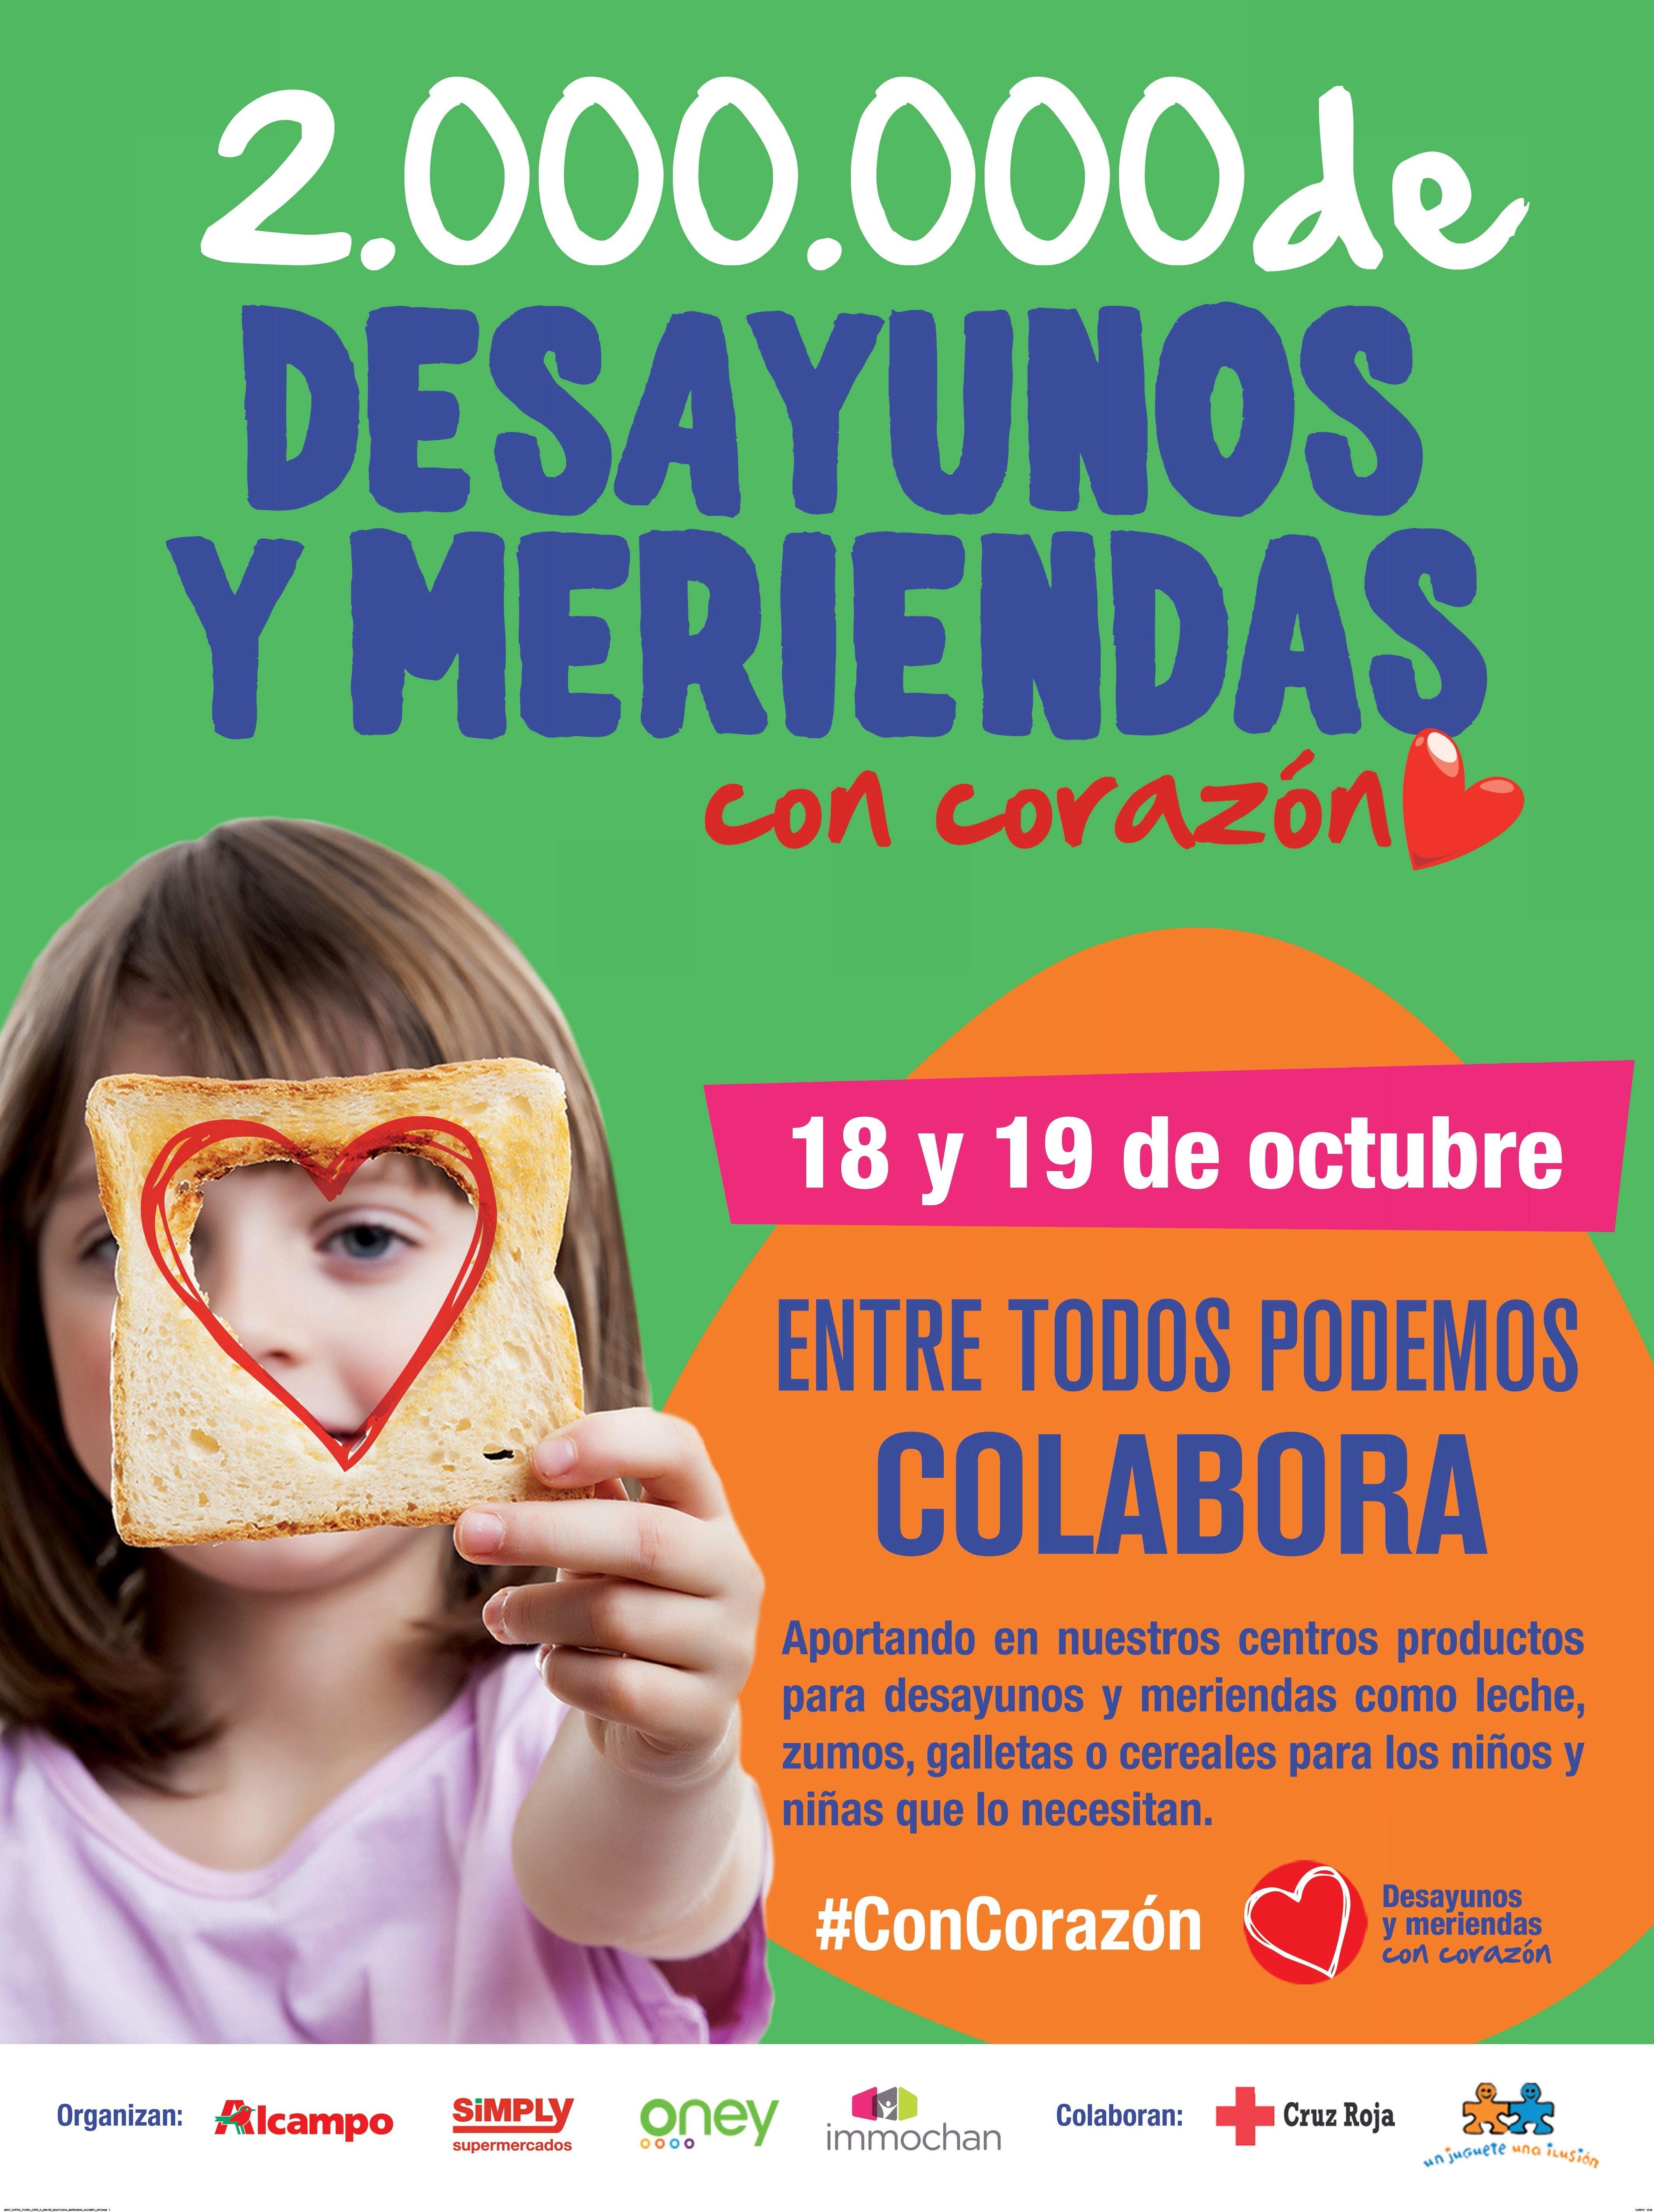 Grupo Auchan lanza desde mañana la campaña #ConCorazón para lograr dos millones de desayunos y meriendas para niños